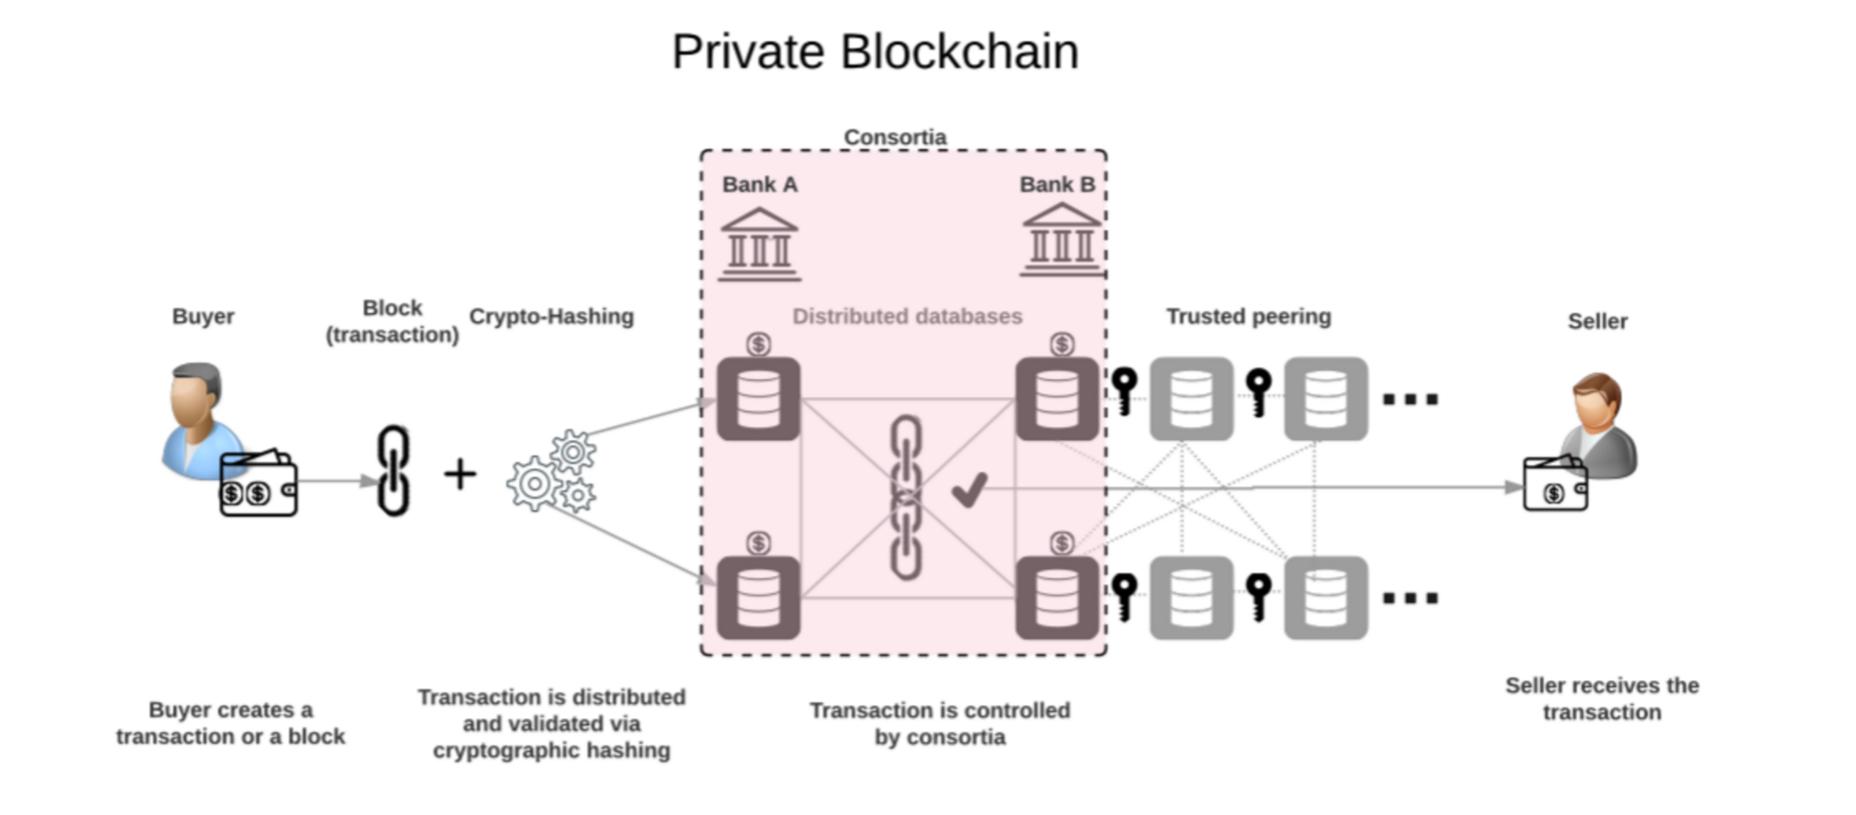 permissioned blockchain, private